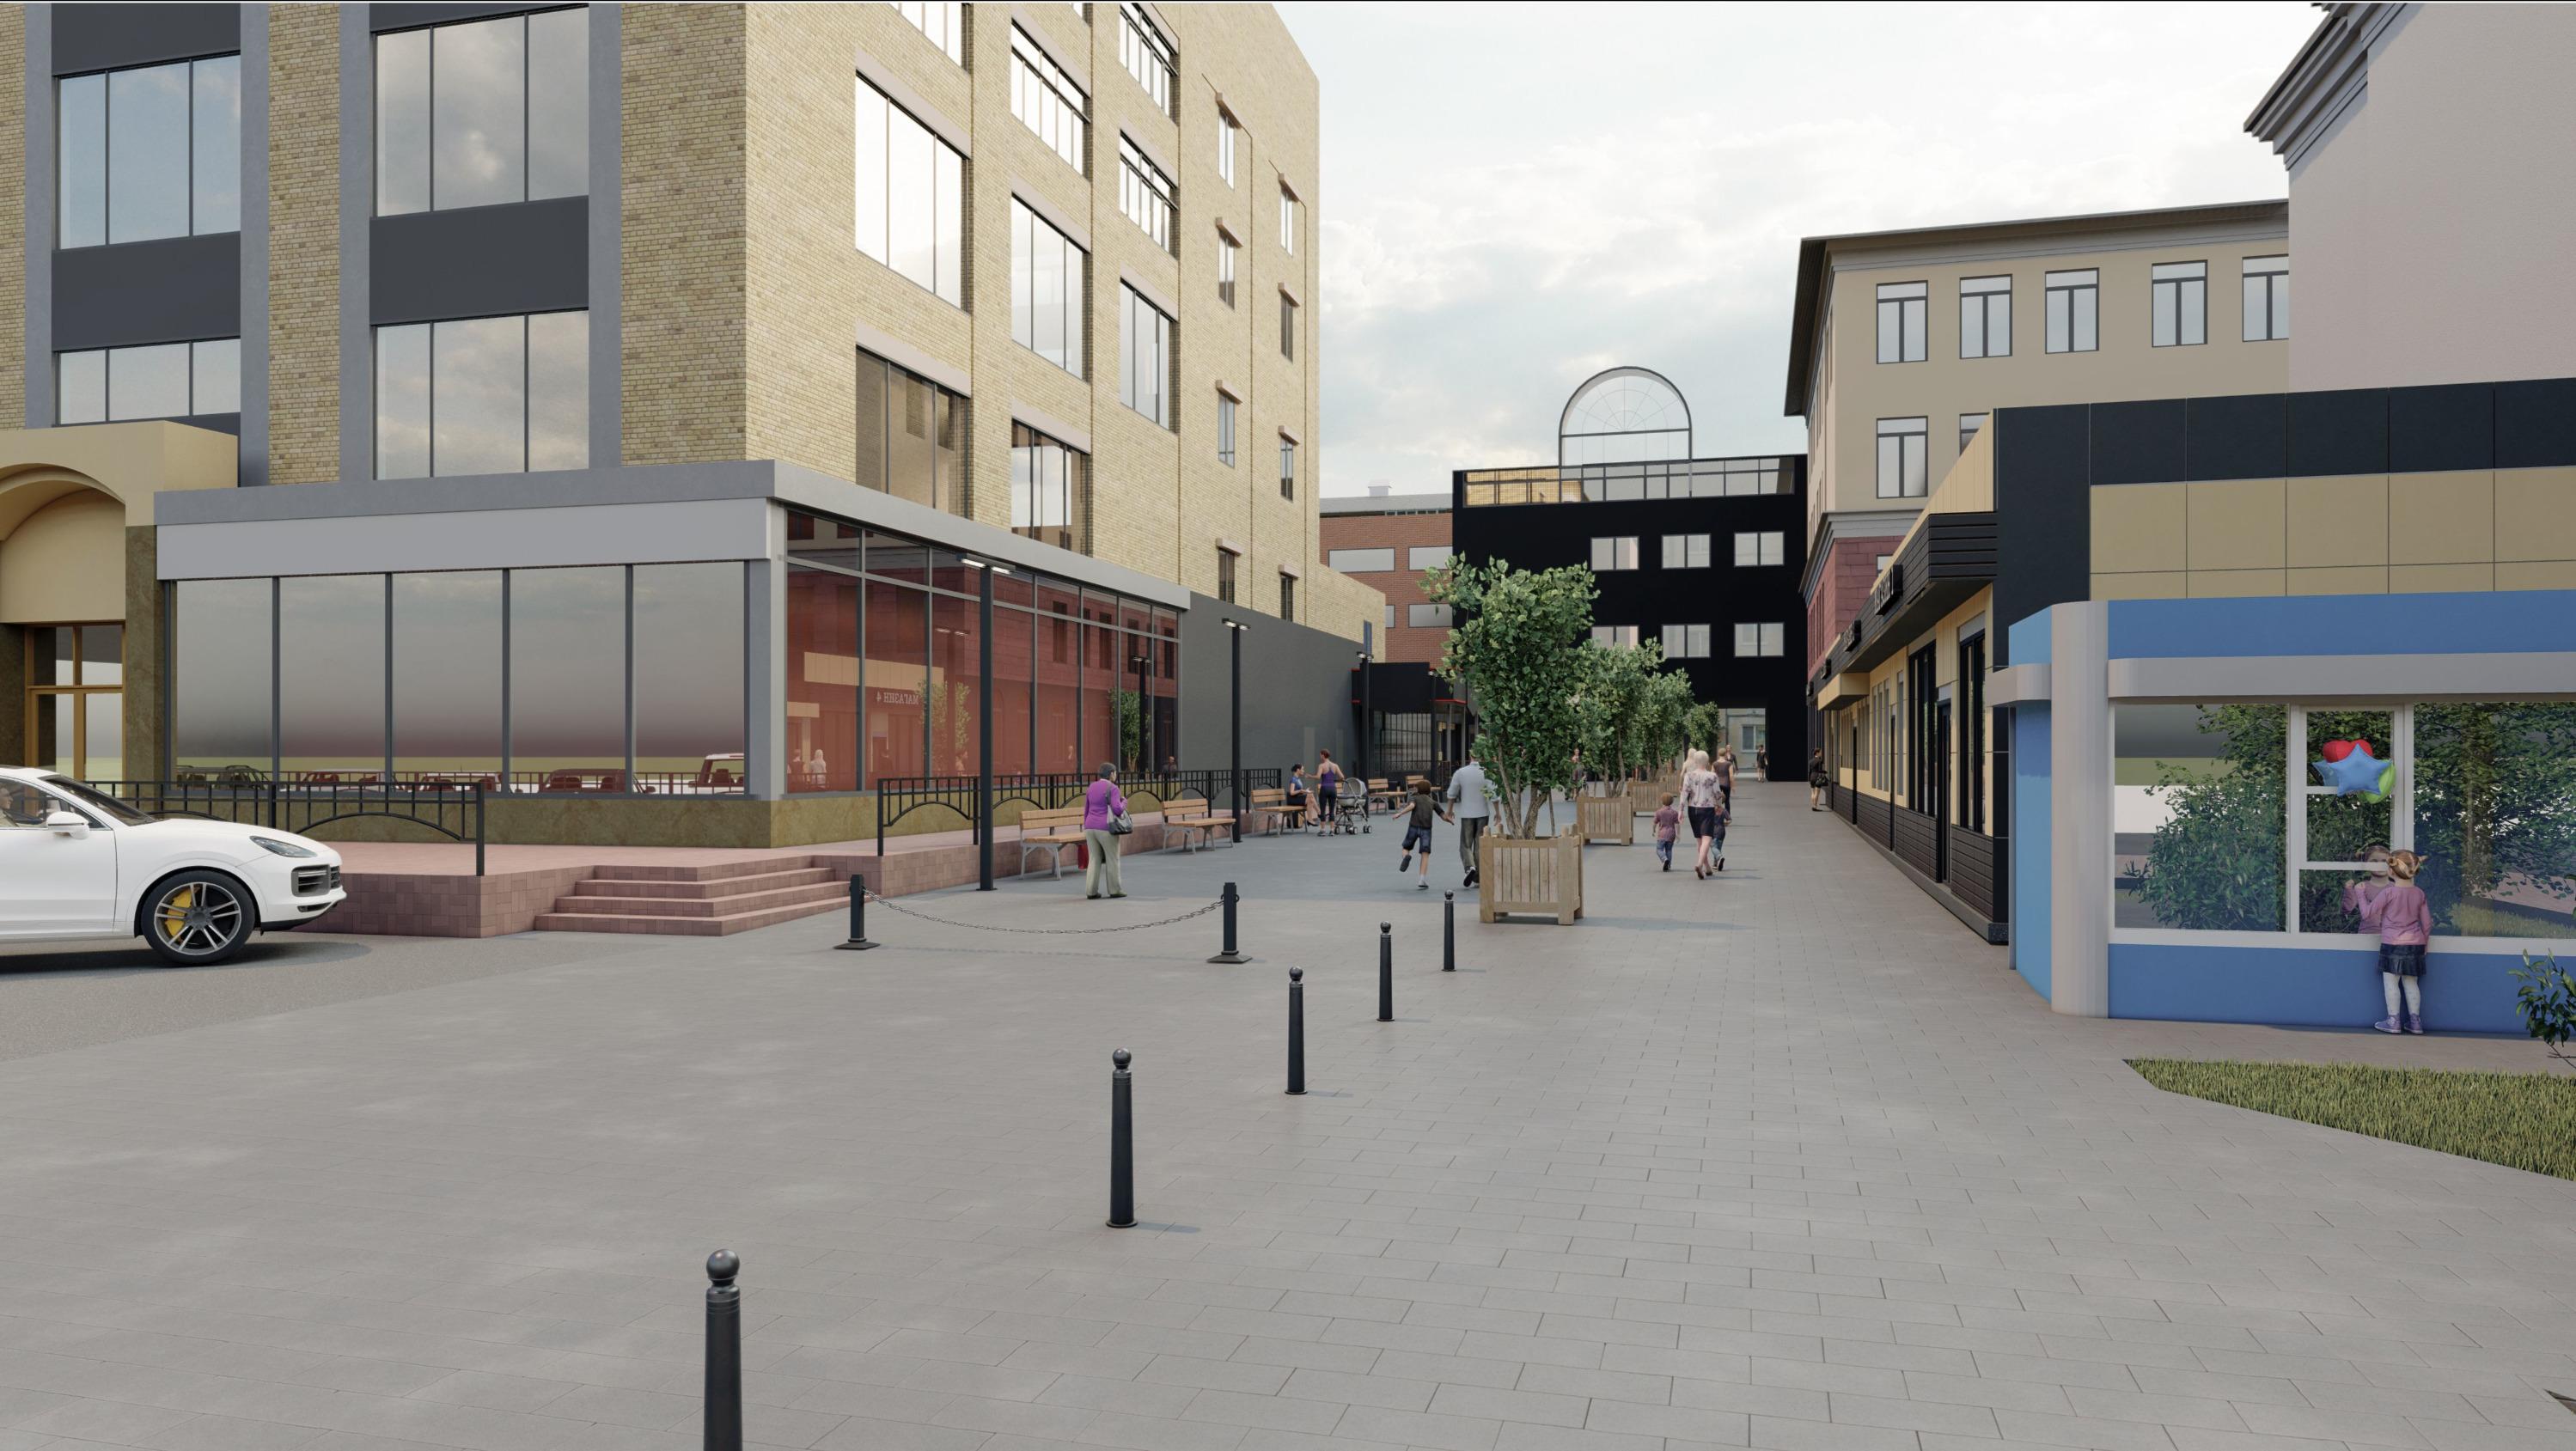 Проект «переулка Поздеева» стал одним из 11 проектов, которые прошли конкурс на софинансирование